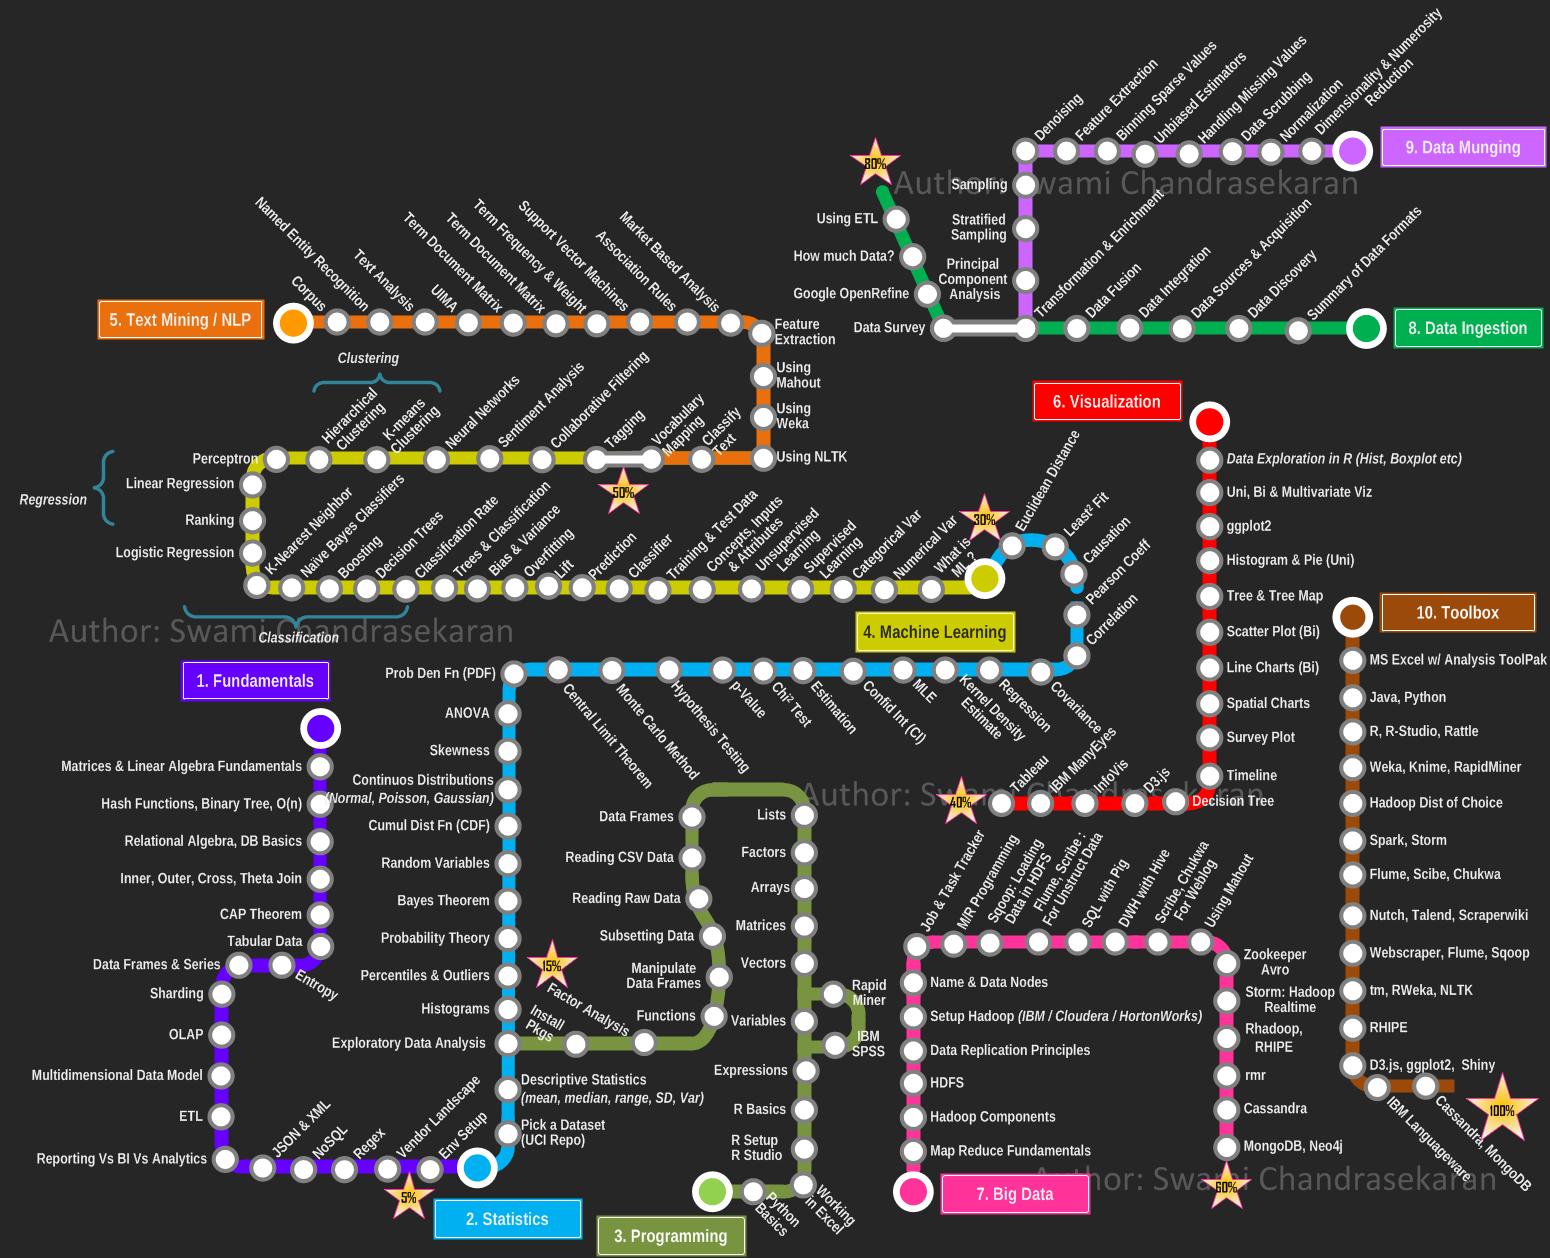 2021 Data Science Roadmap (Github)